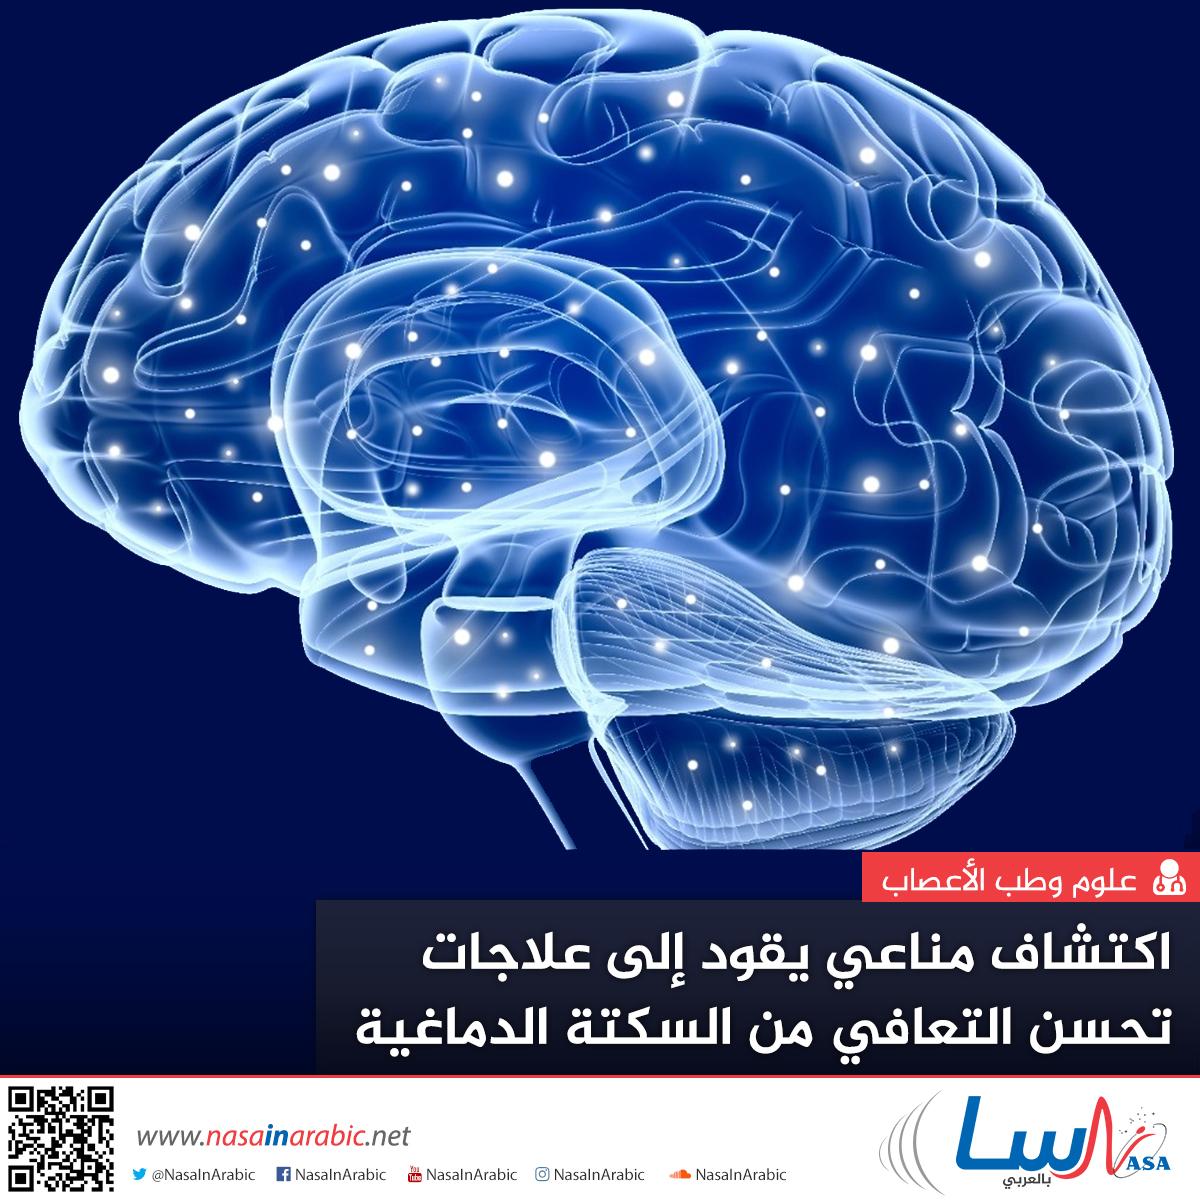 اكتشاف مناعي يقود إلى علاجات تحسن التعافي من السكتة الدماغية